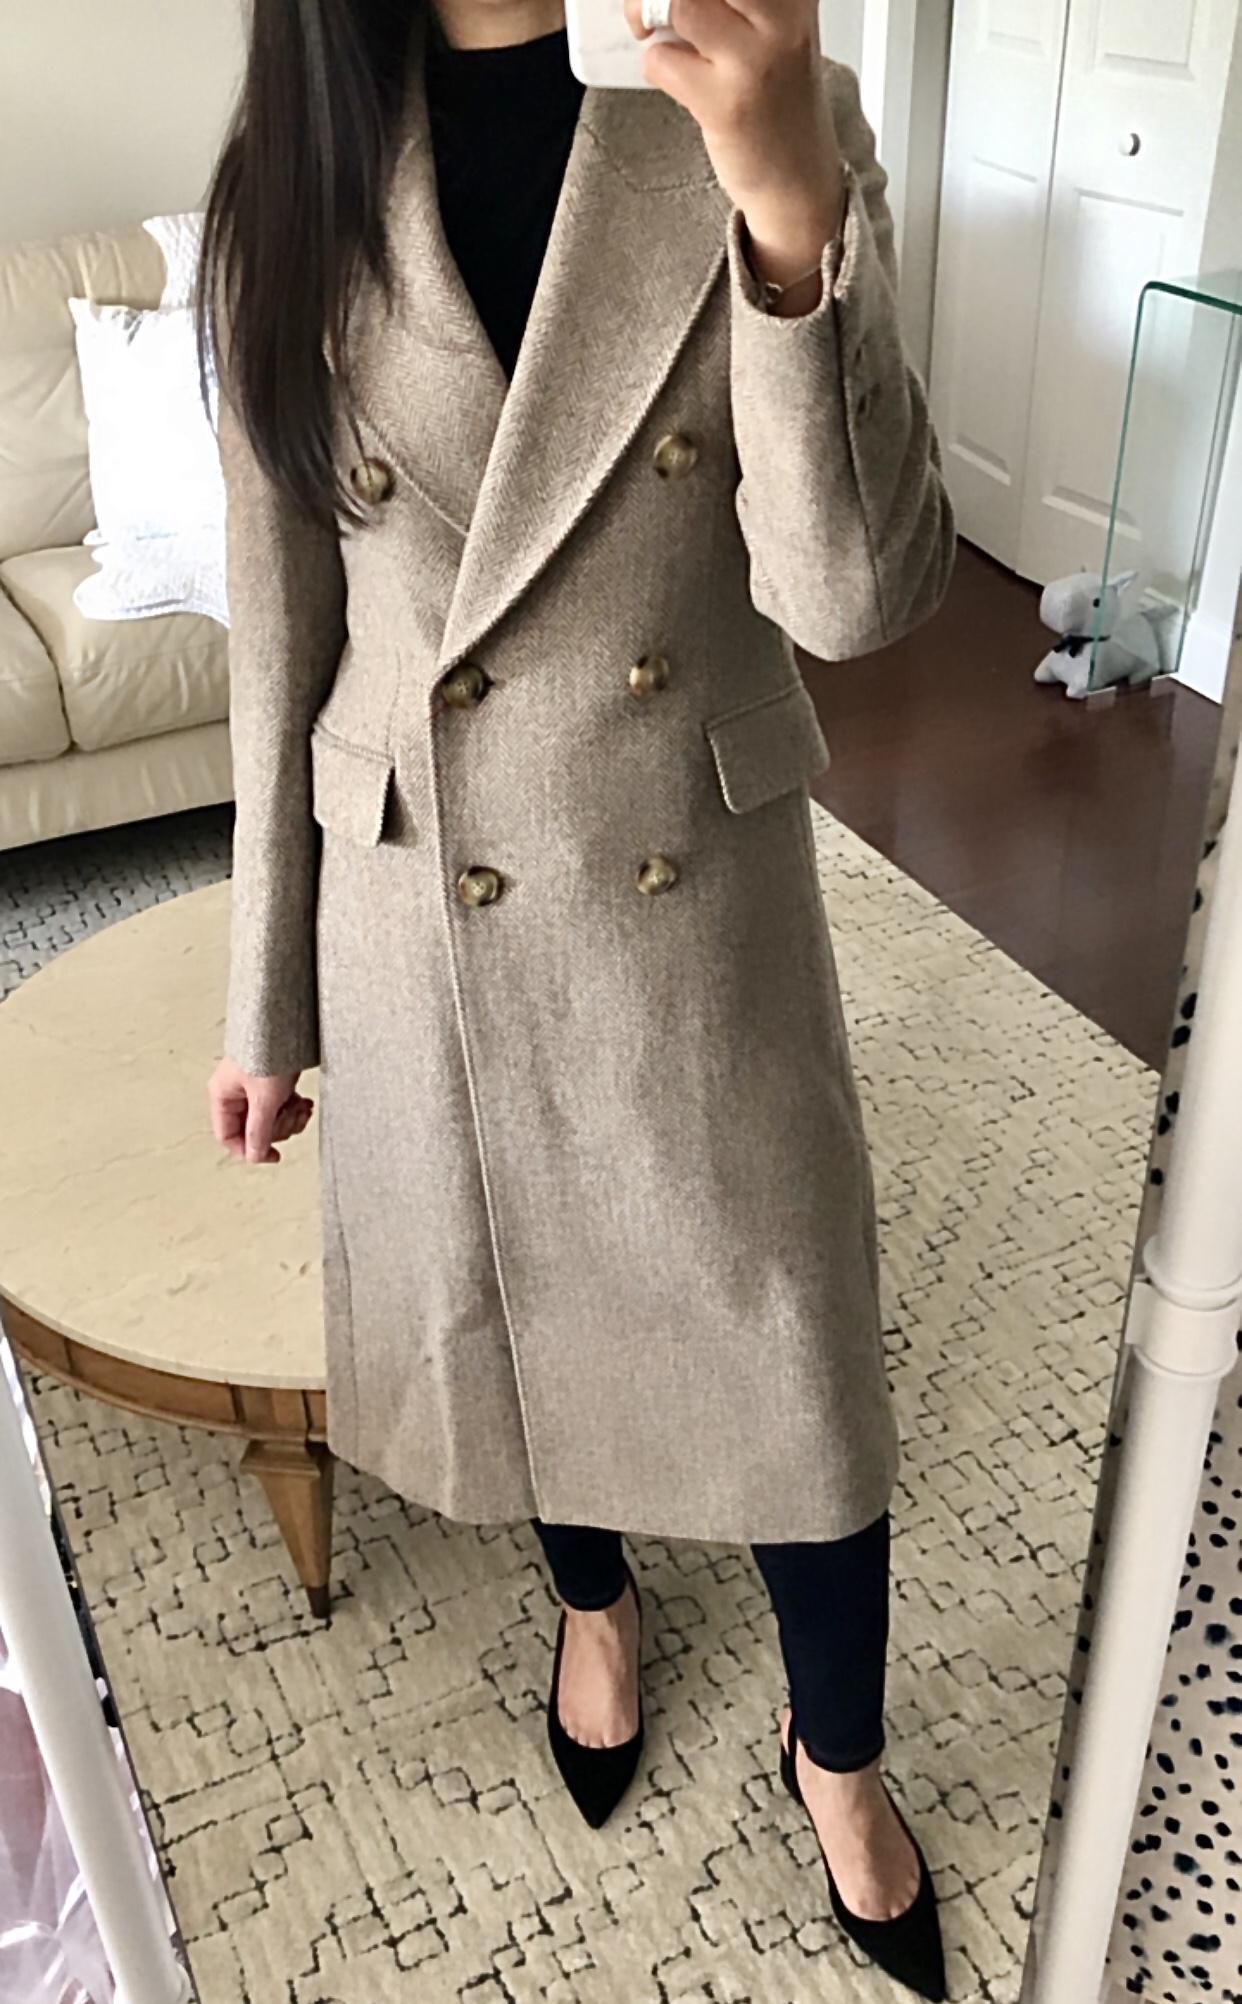 Ines de la Fressange Tweed Coat in beige, size XXS